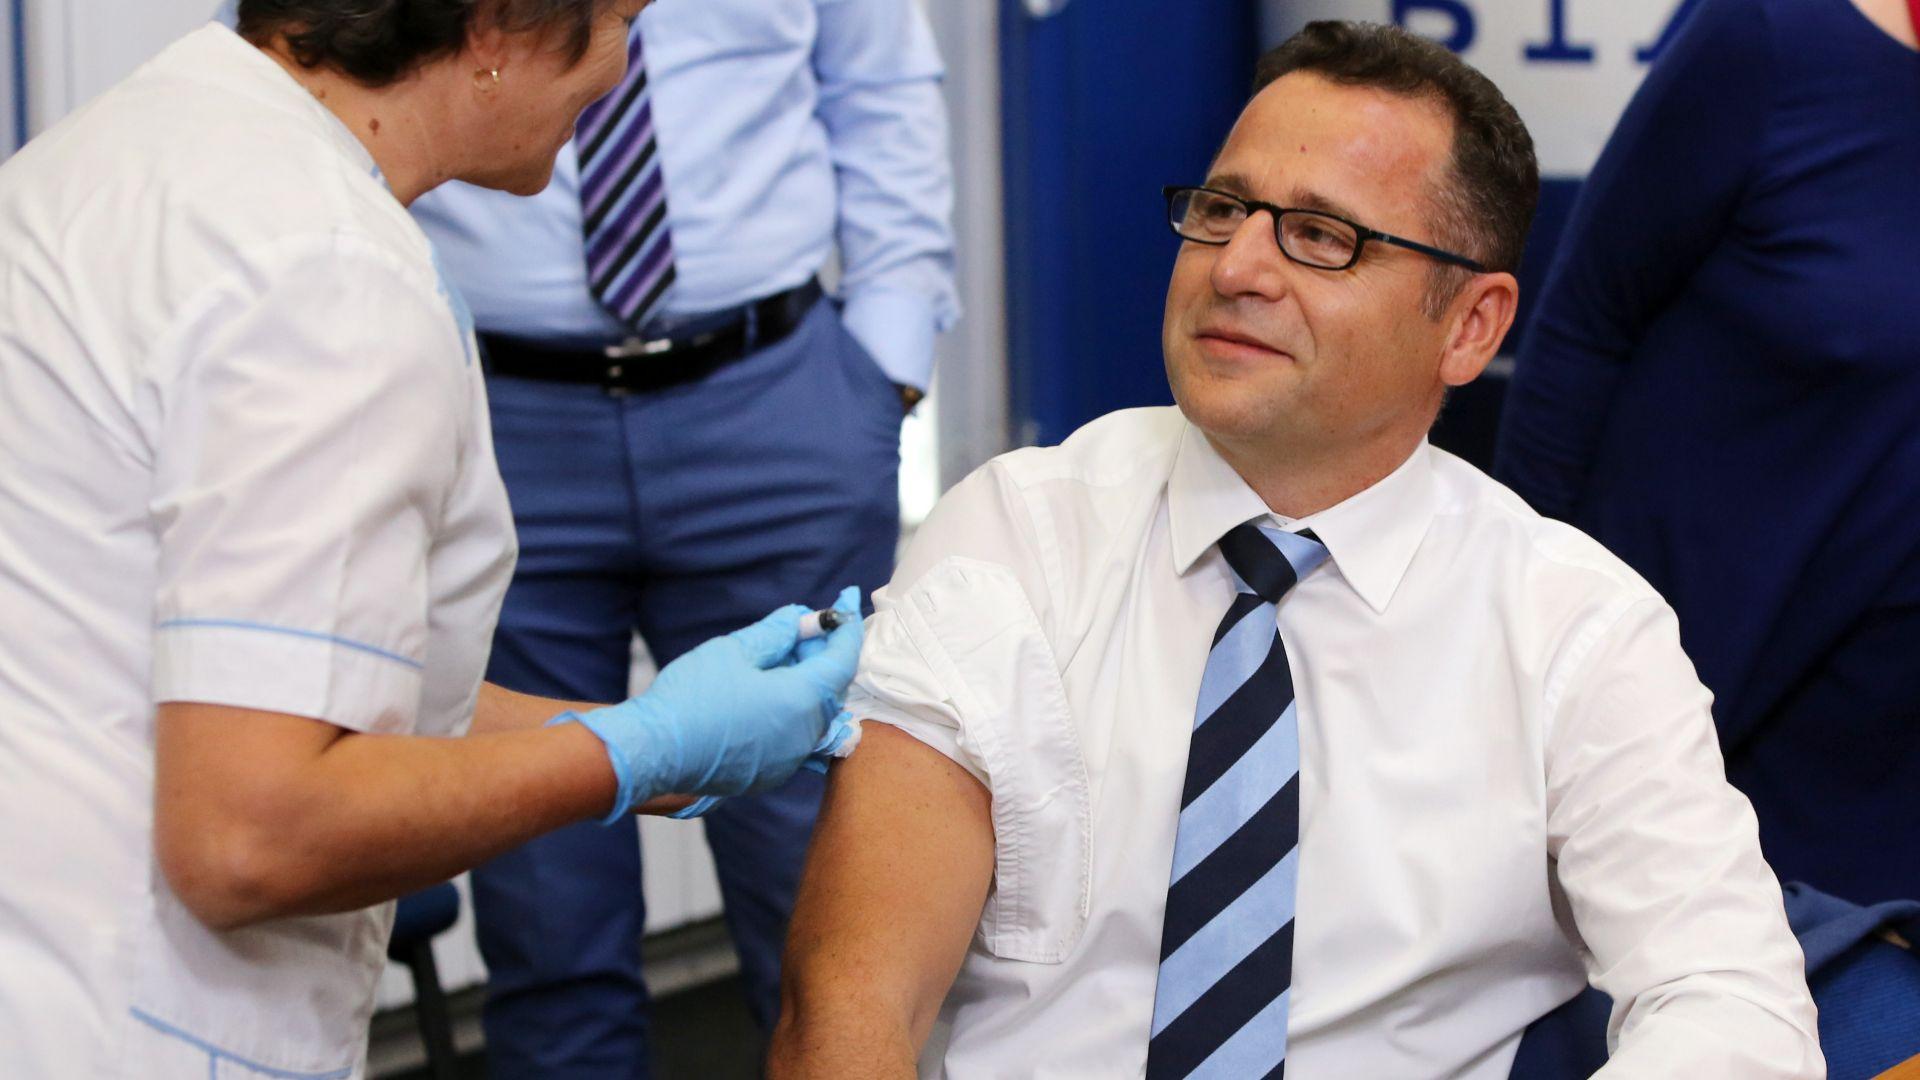 Д-р Скендер Скала, шеф на офиса на Световната здравна организация у нас, също се ваксинира